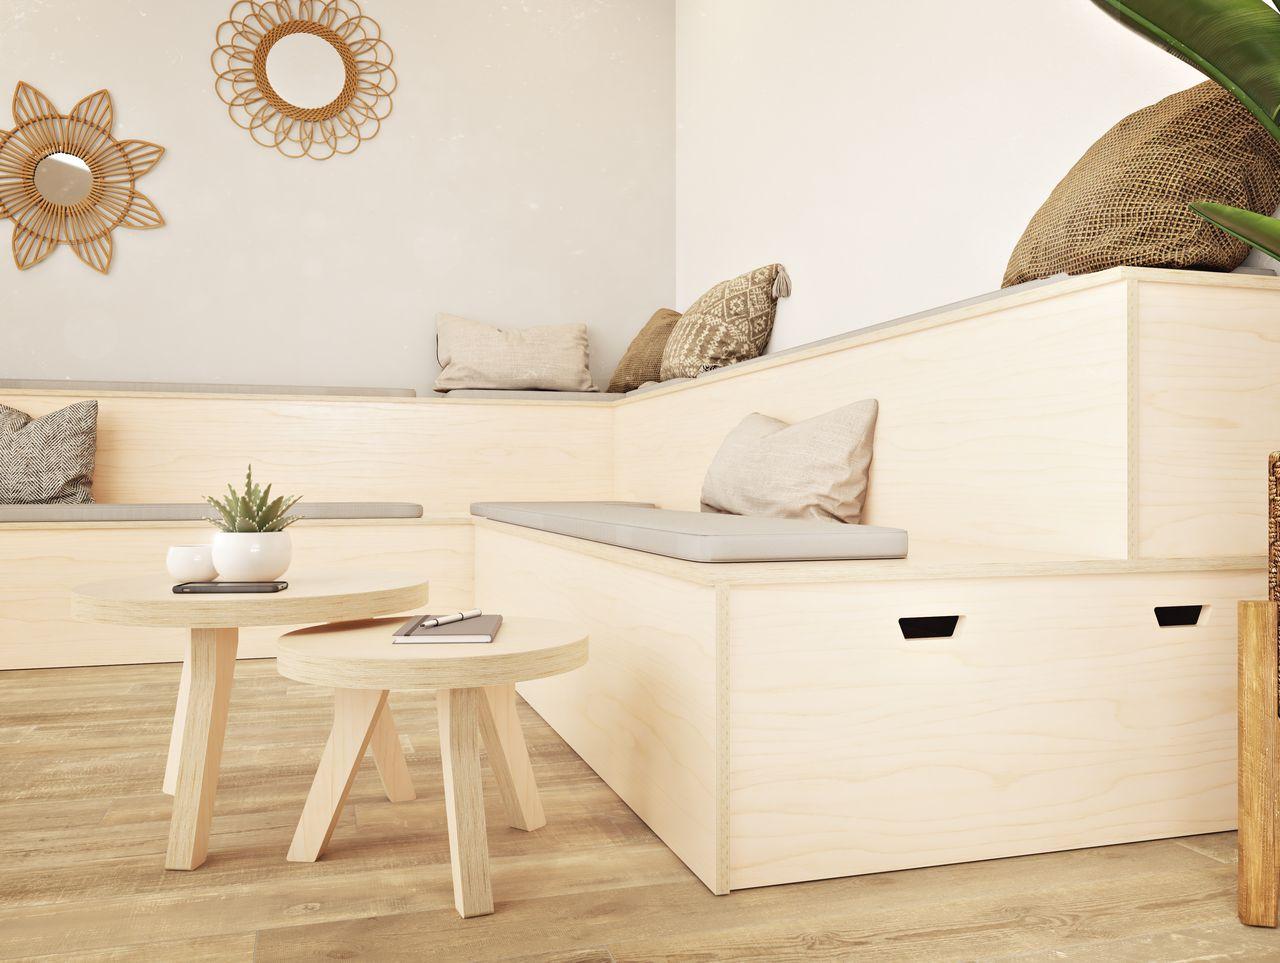 Estrade et table basse gigogne en bois dans un espace informel avec coussins sur les assises, miroirs en fleurs accrochée à un mur couleur taupe